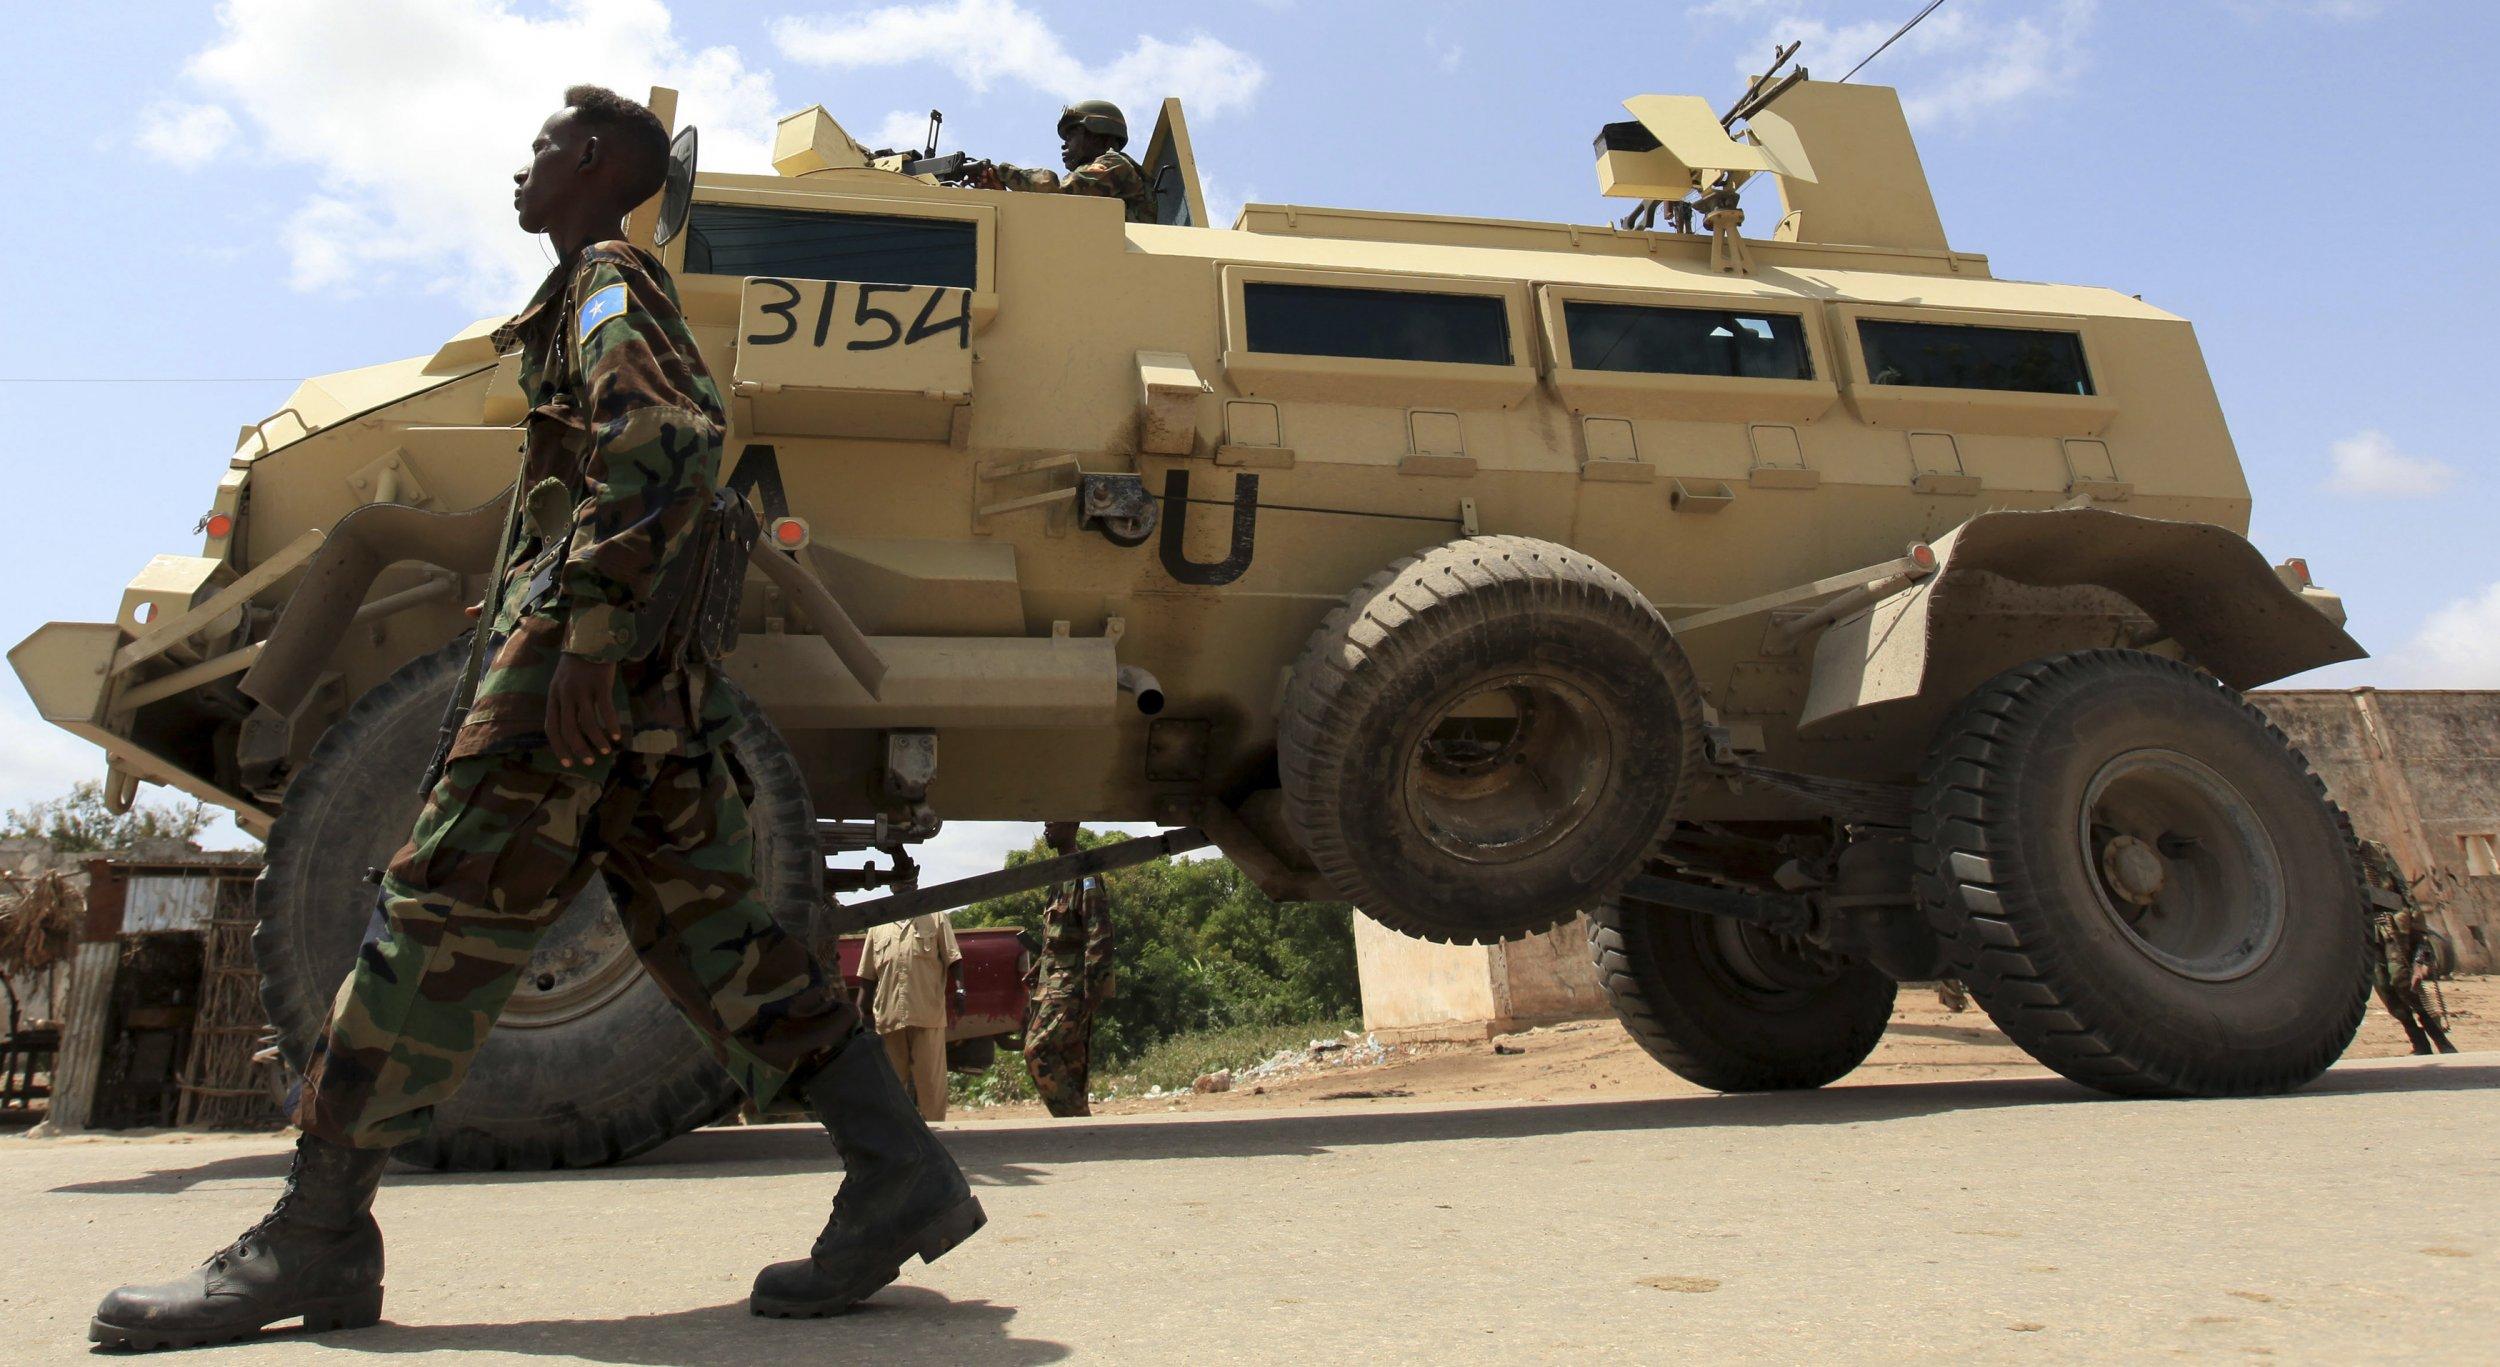 12-25-14 Somalia